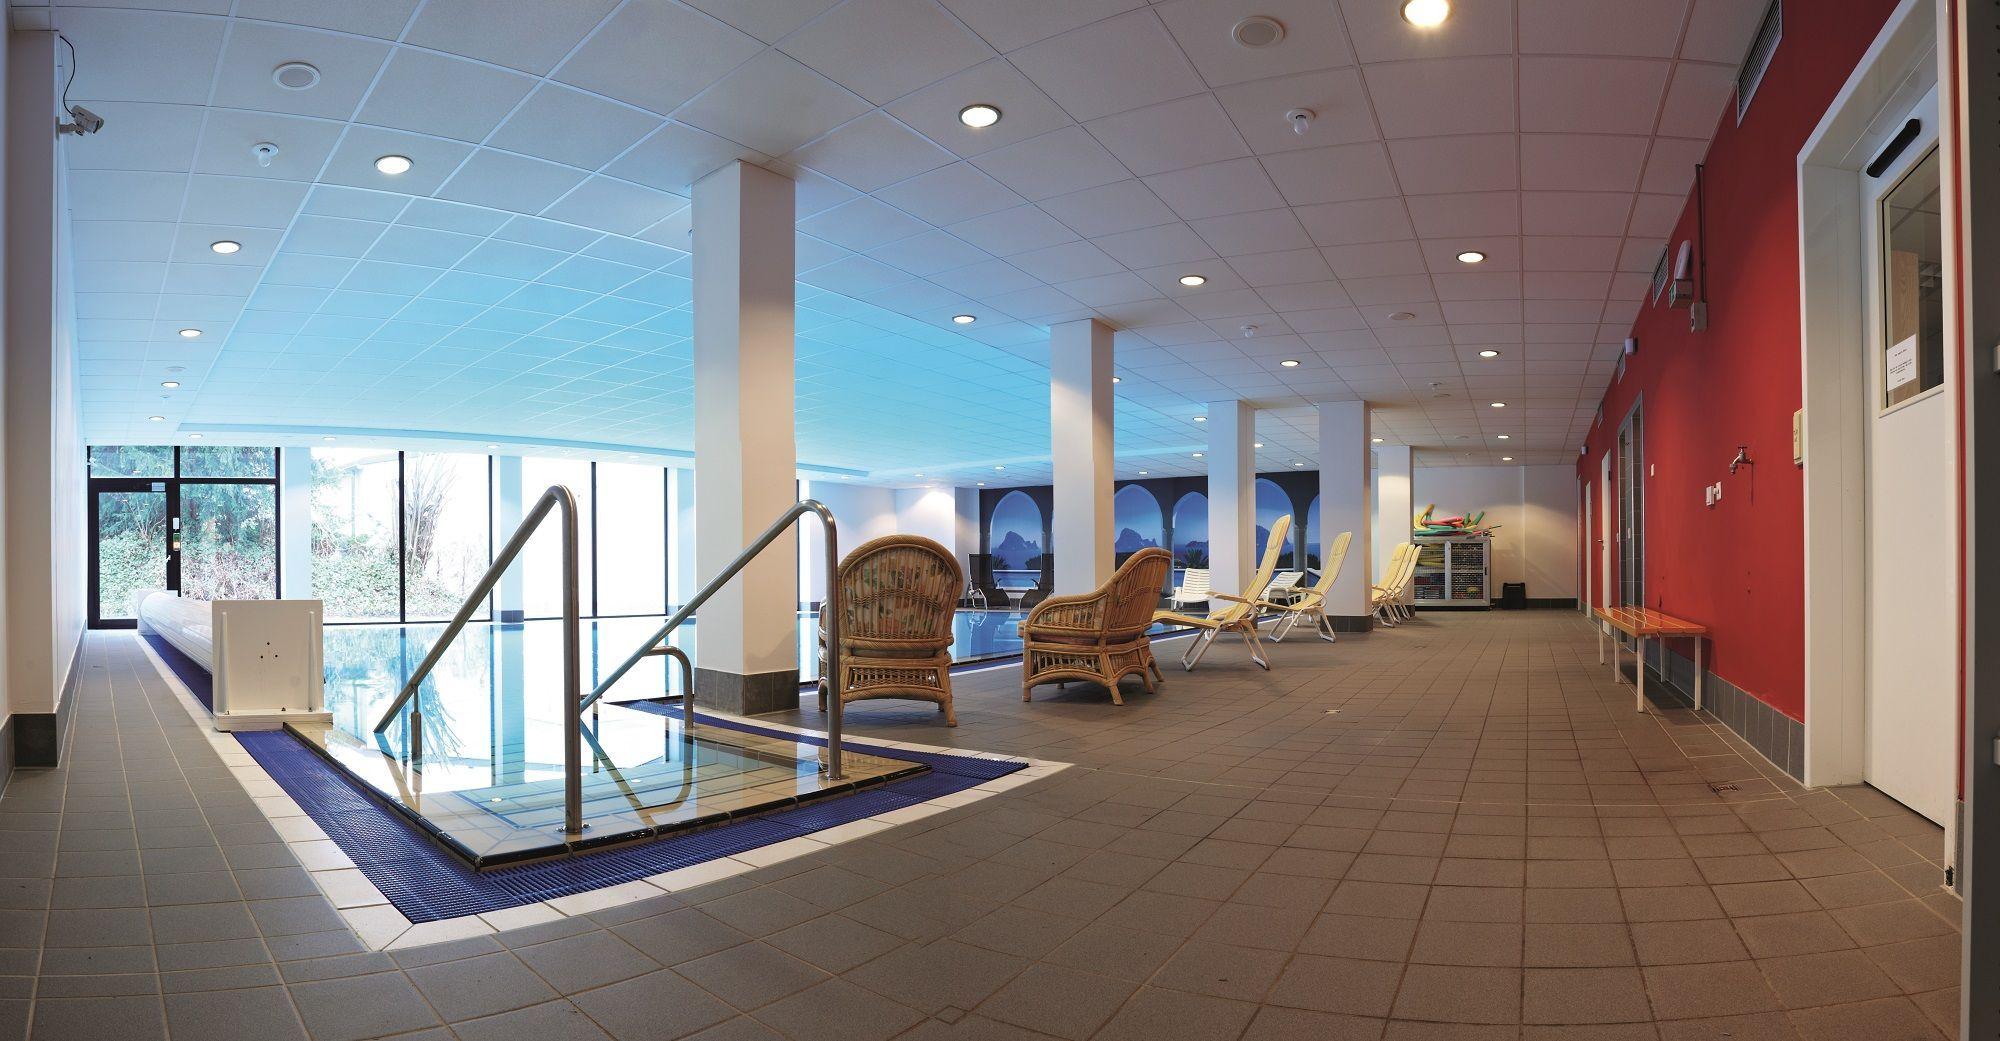 Sole-Thermalschwimmbad | Klinik Solequelle